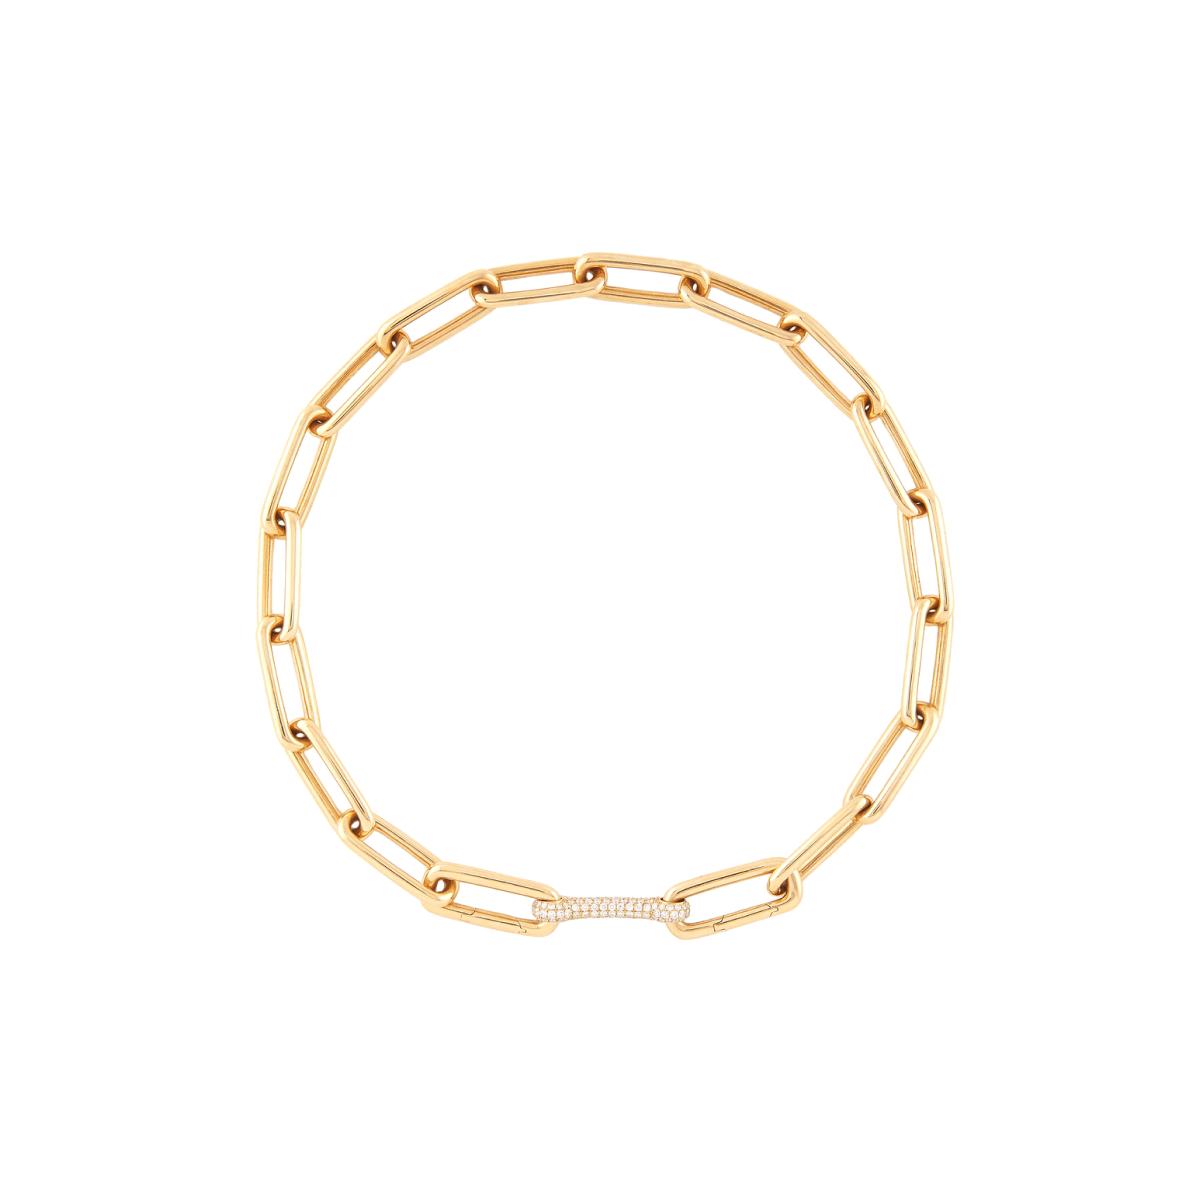 Robinson Pelham necklace